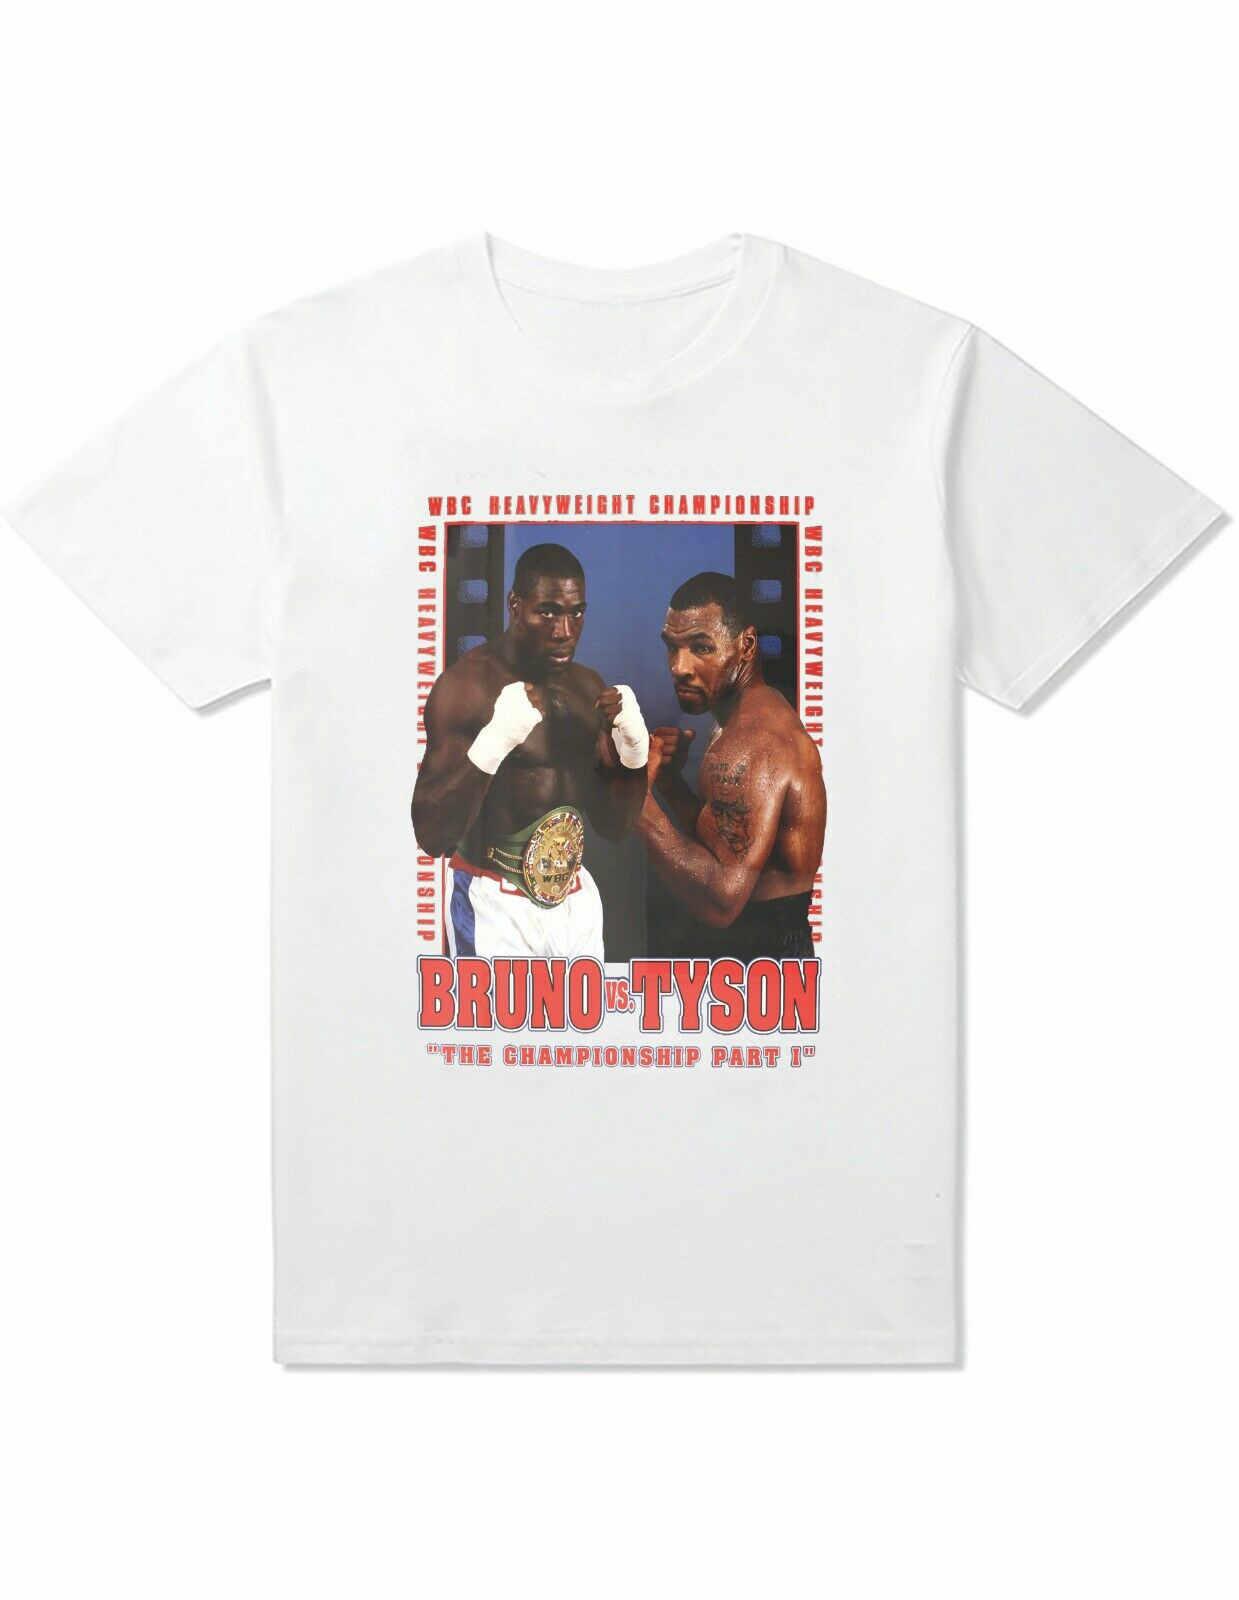 FRANK BRUNO Del MIKE TYSON boxeo camiseta recuerdos de fanático del boxeo